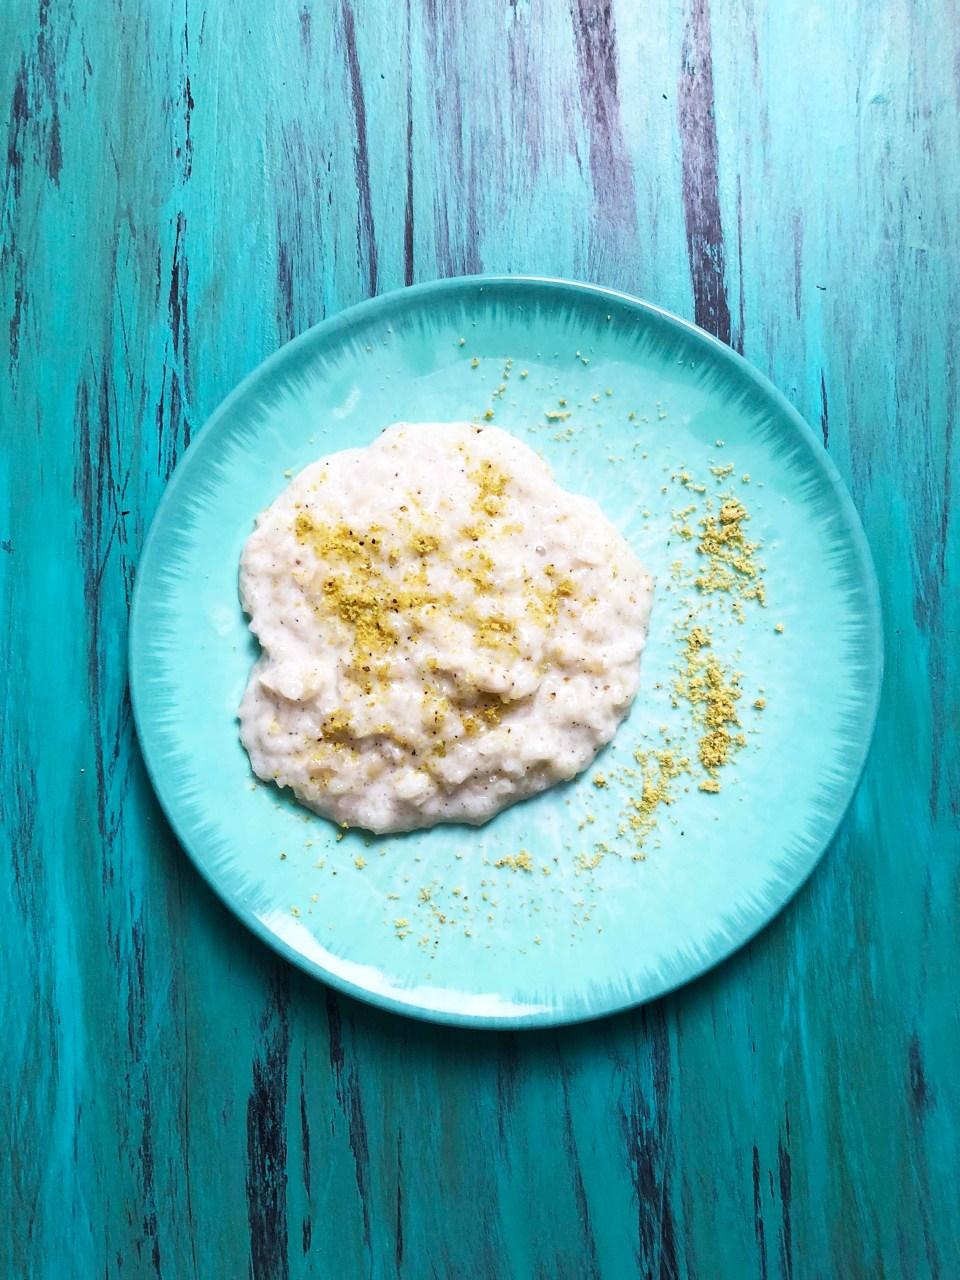 Shir Berenj Recipe (Afghan Rice Pudding)